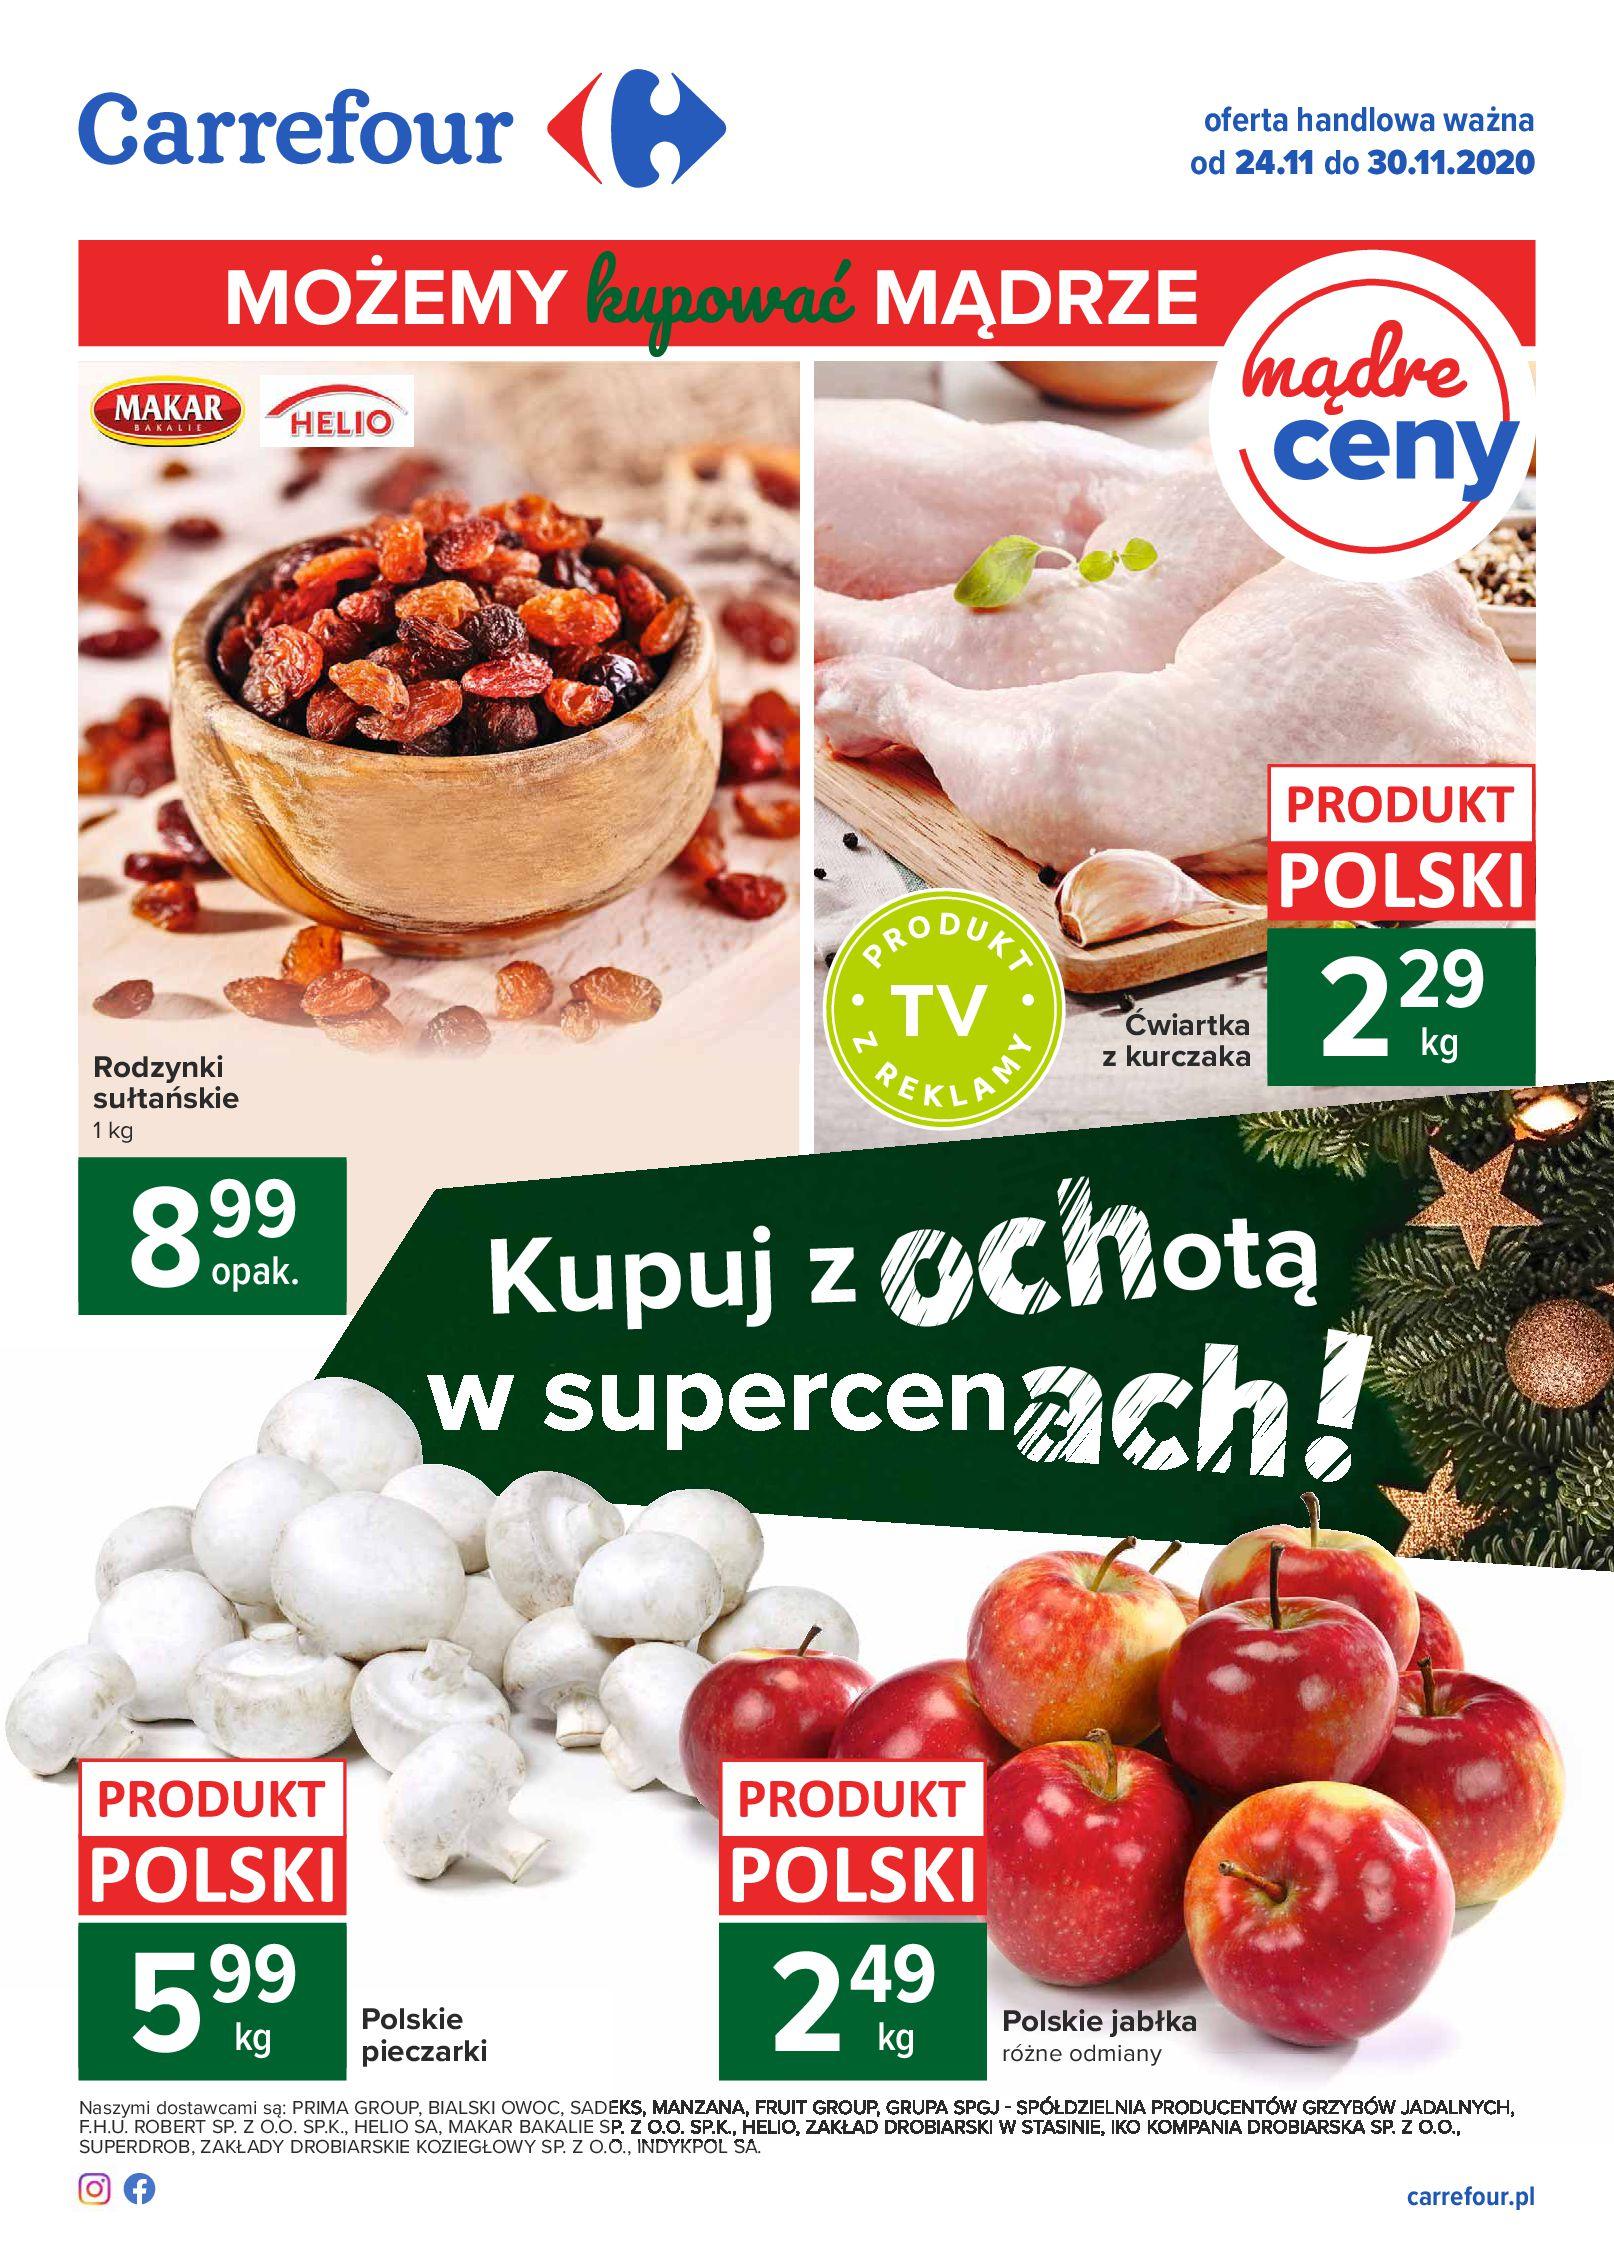 Carrefour:  Oferta handlowa 23.11.2020